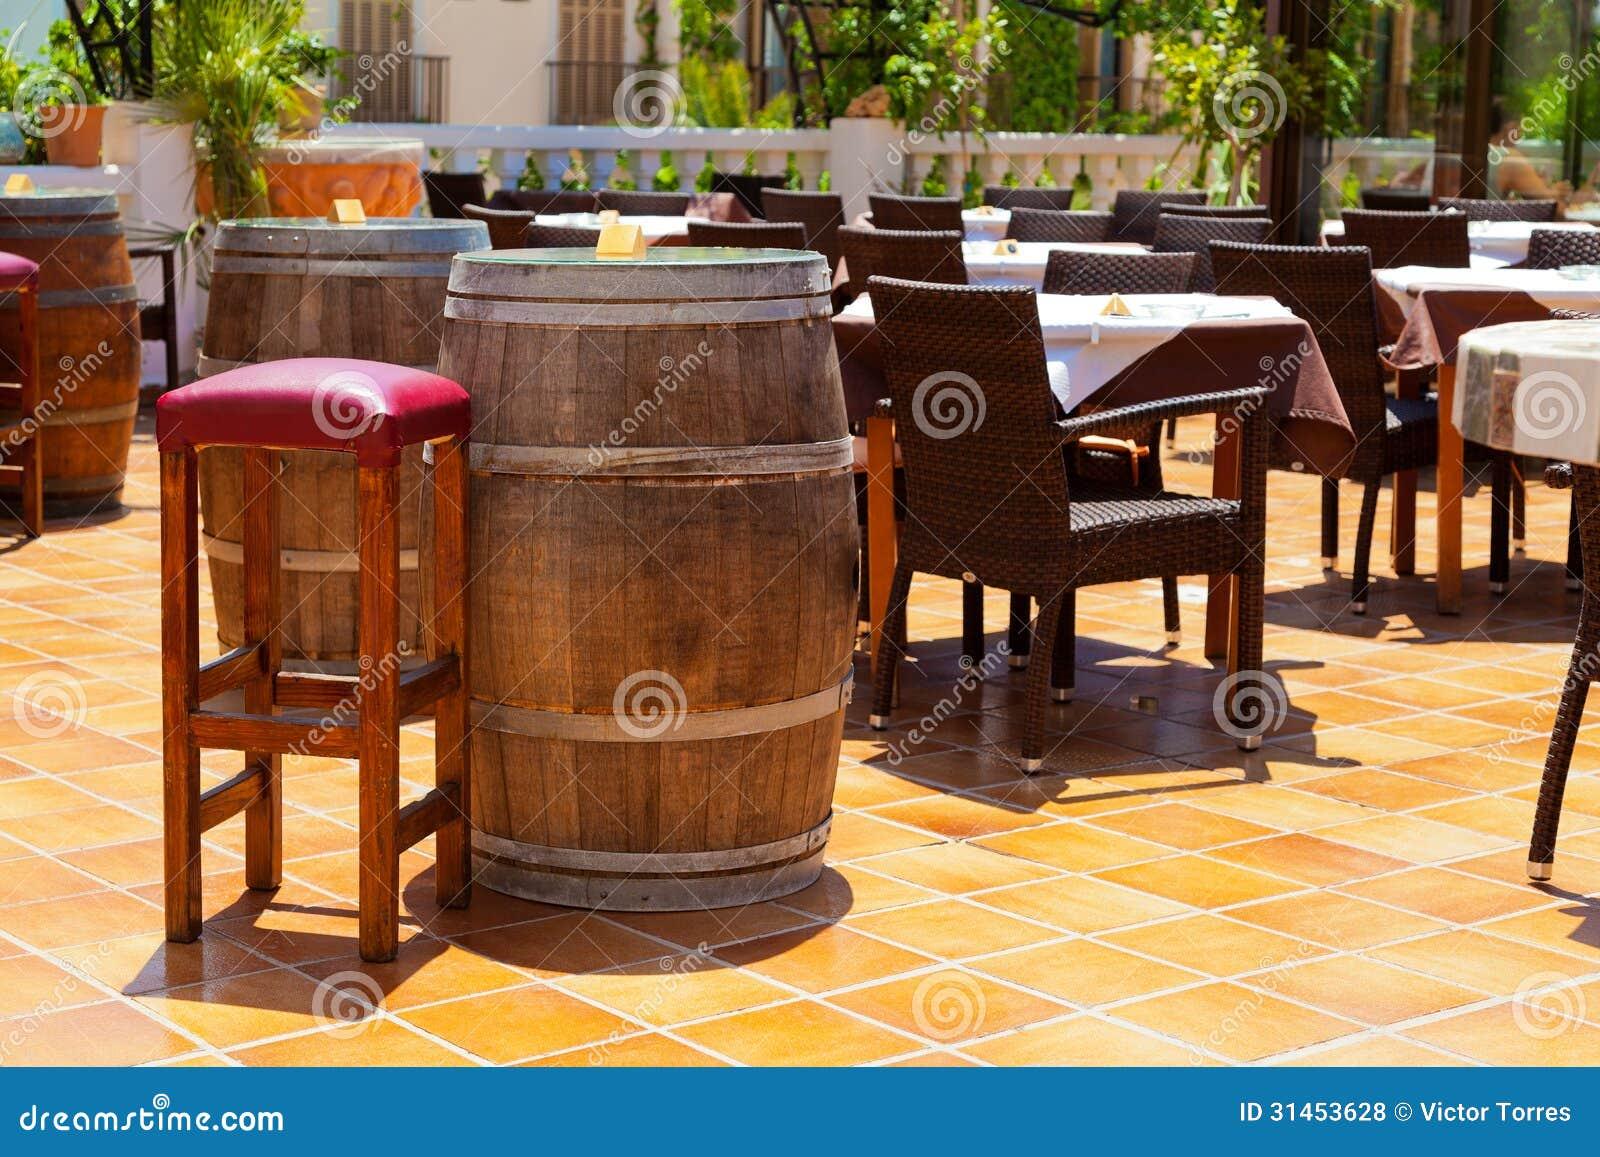 Spanisch Tapas Bar